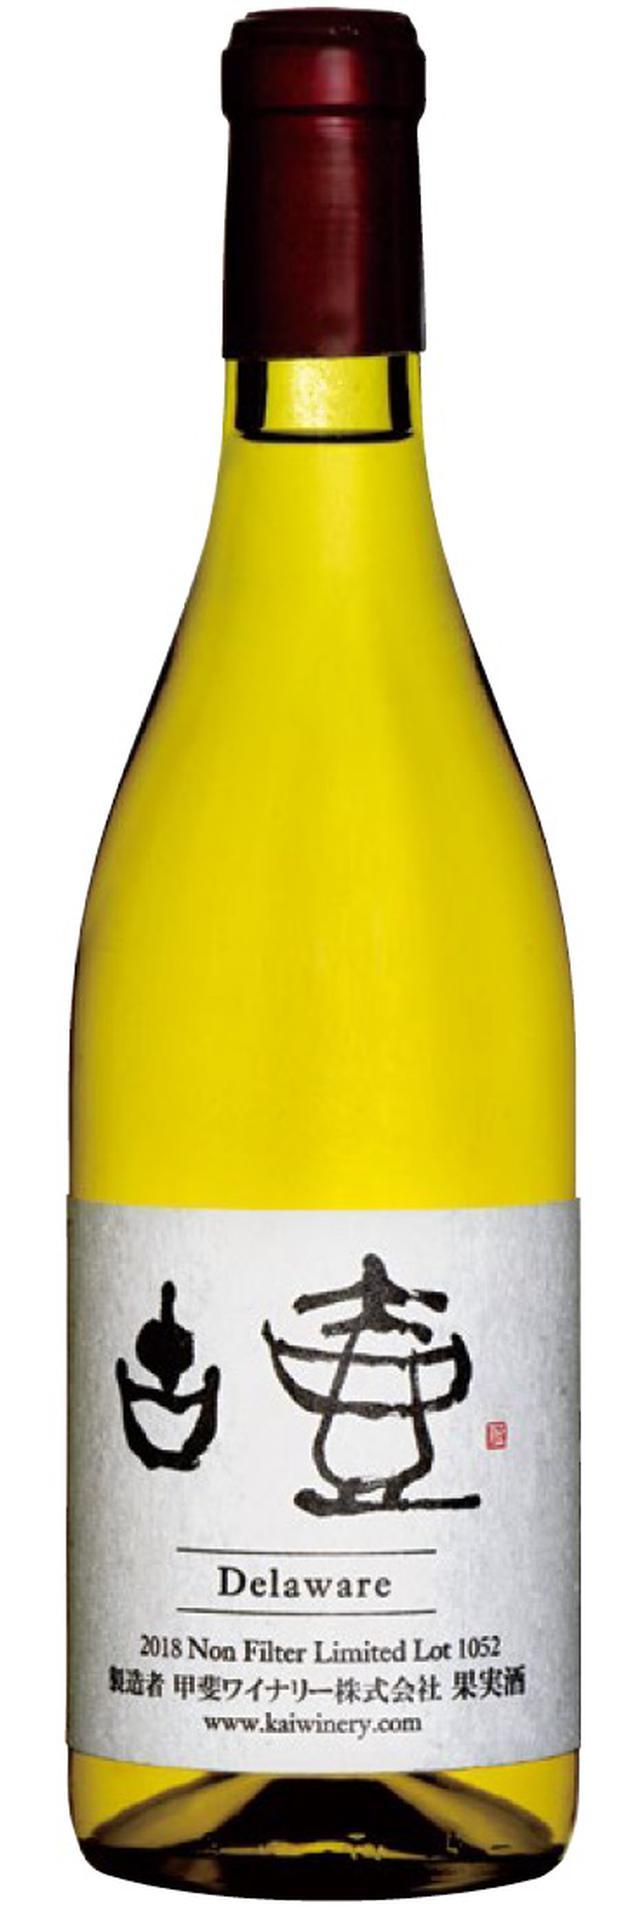 画像3: ワイン王国 2020年7月号/No.117 お勧め5ツ星の買える店(1000円台で見つけた日本ワイン)